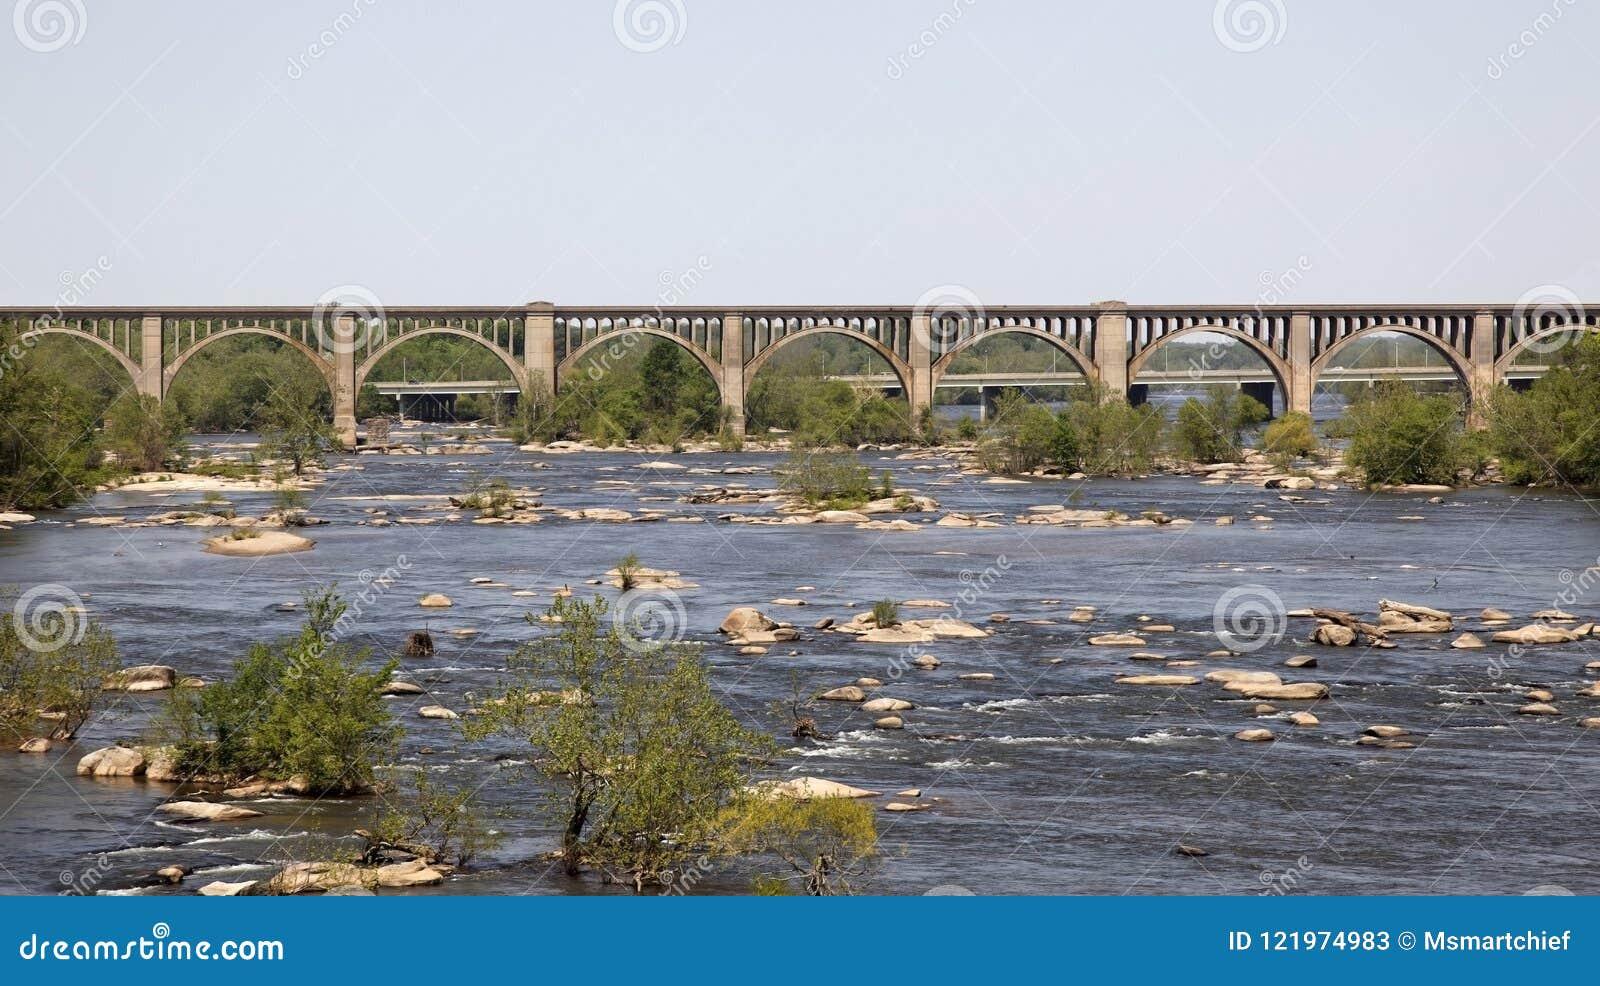 Puente de caballete de acero sobre el río